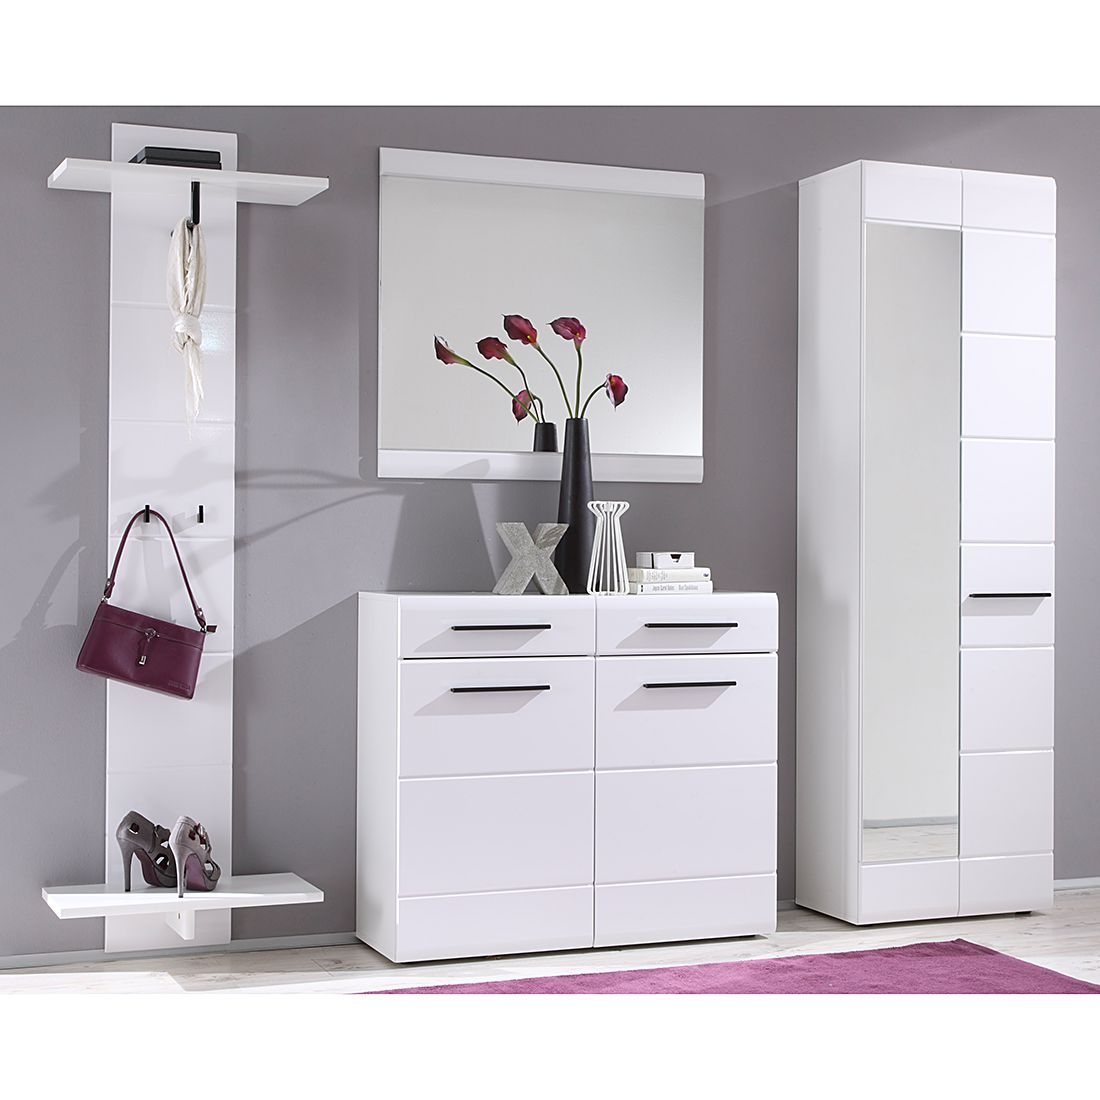 Garderobenset Looma II (4-teilig) – Hochglanz Weiß, Top Square bestellen